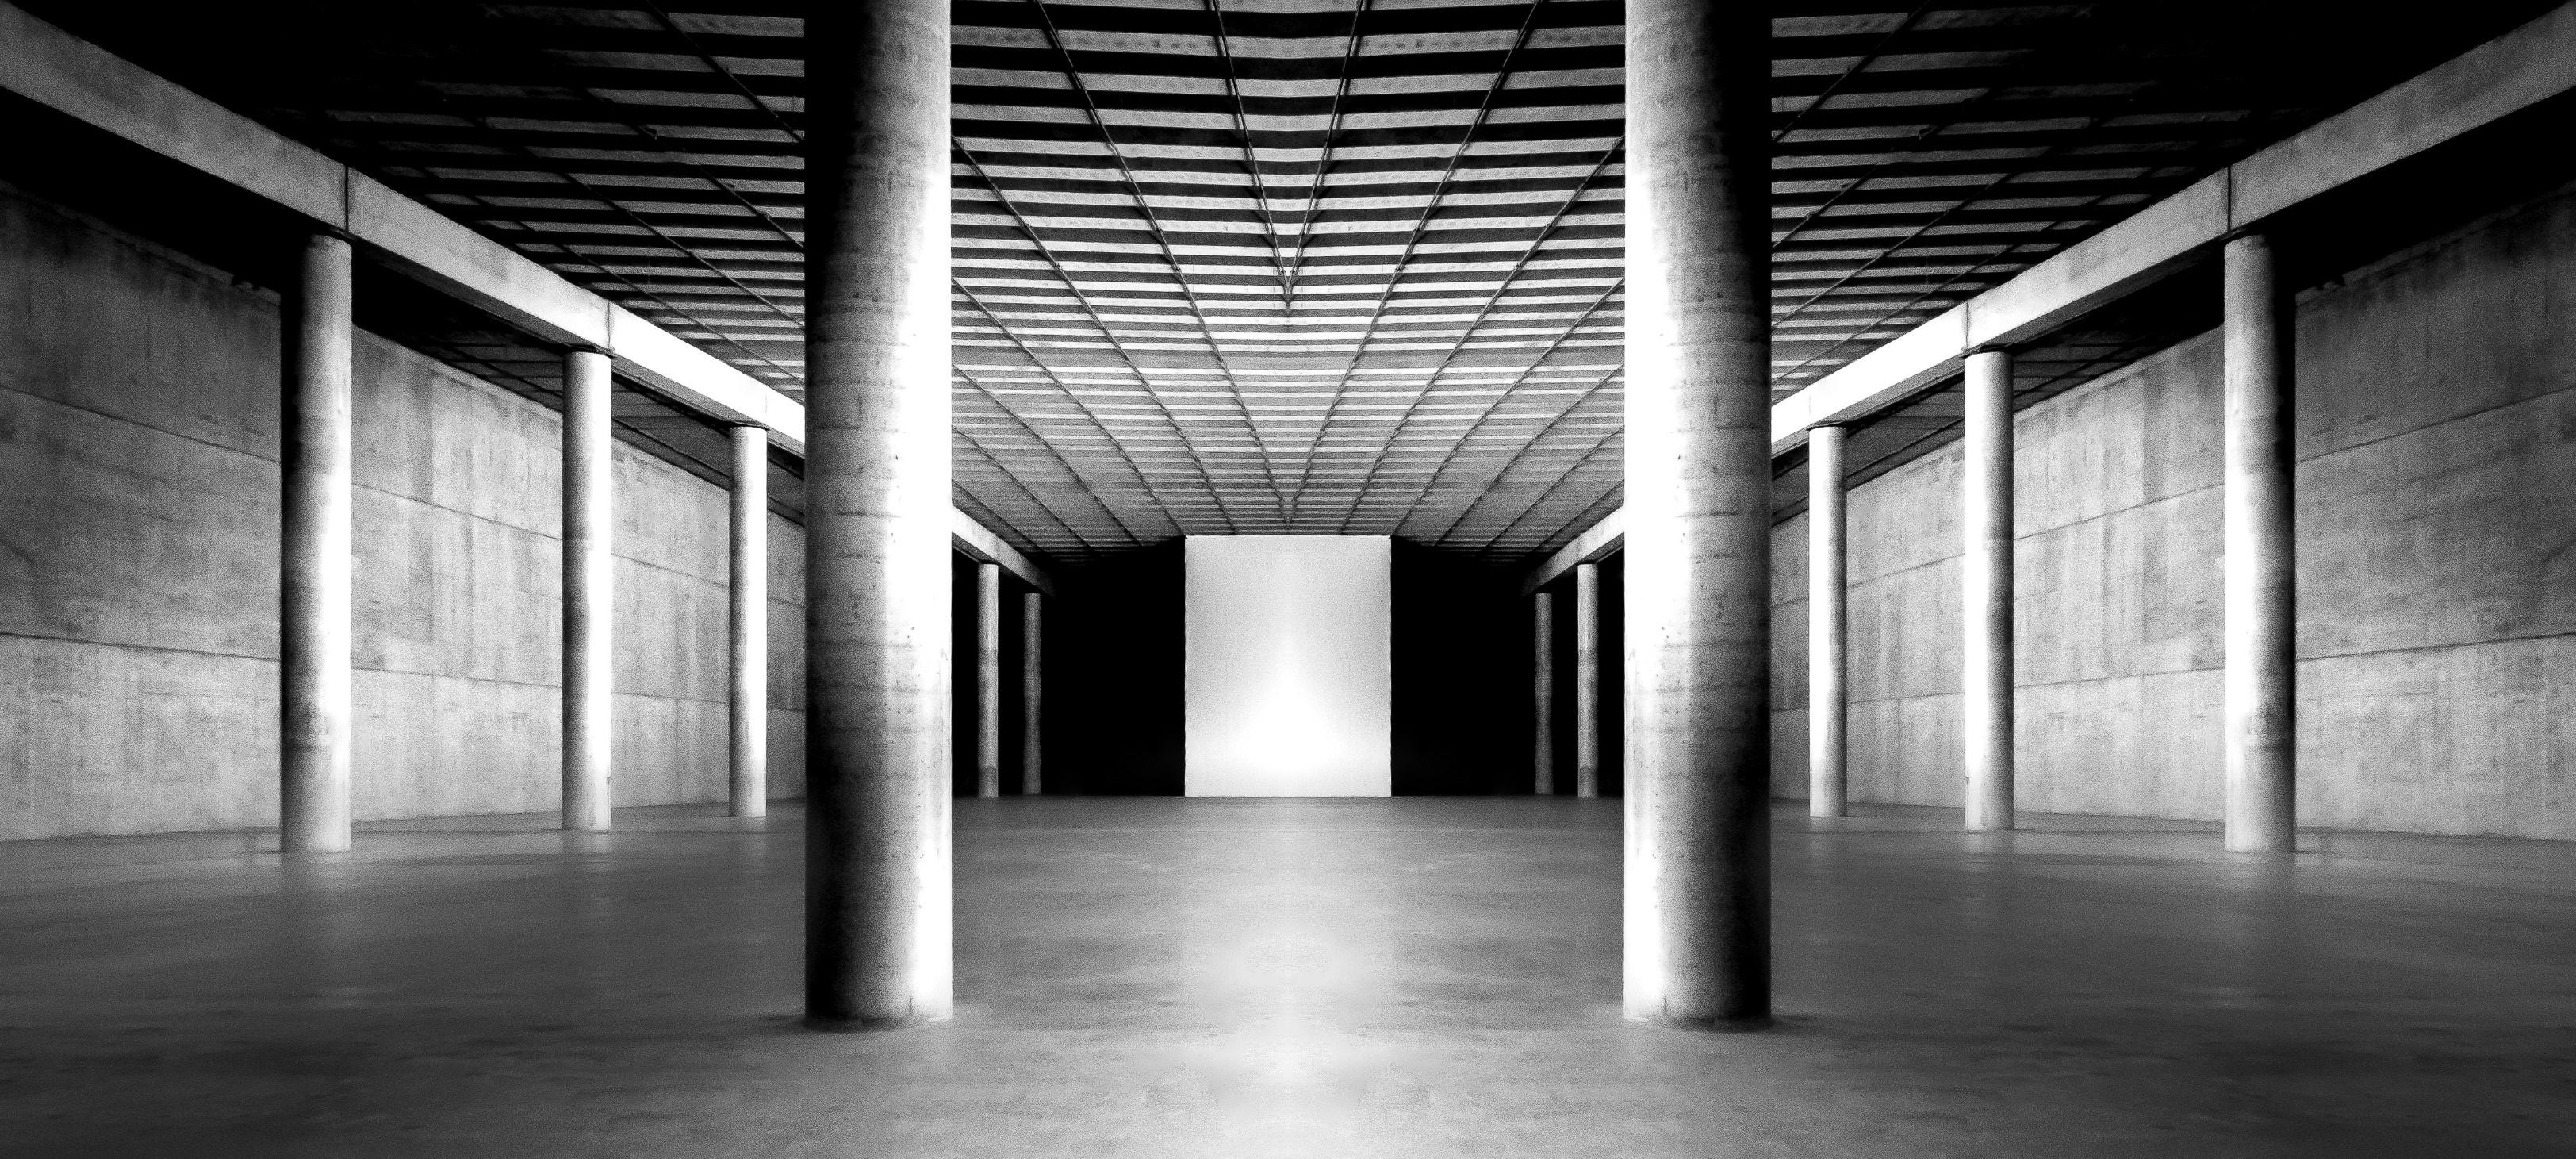 Hintergrundbilder : Weiß, schwarz, einfarbig, die Architektur ...